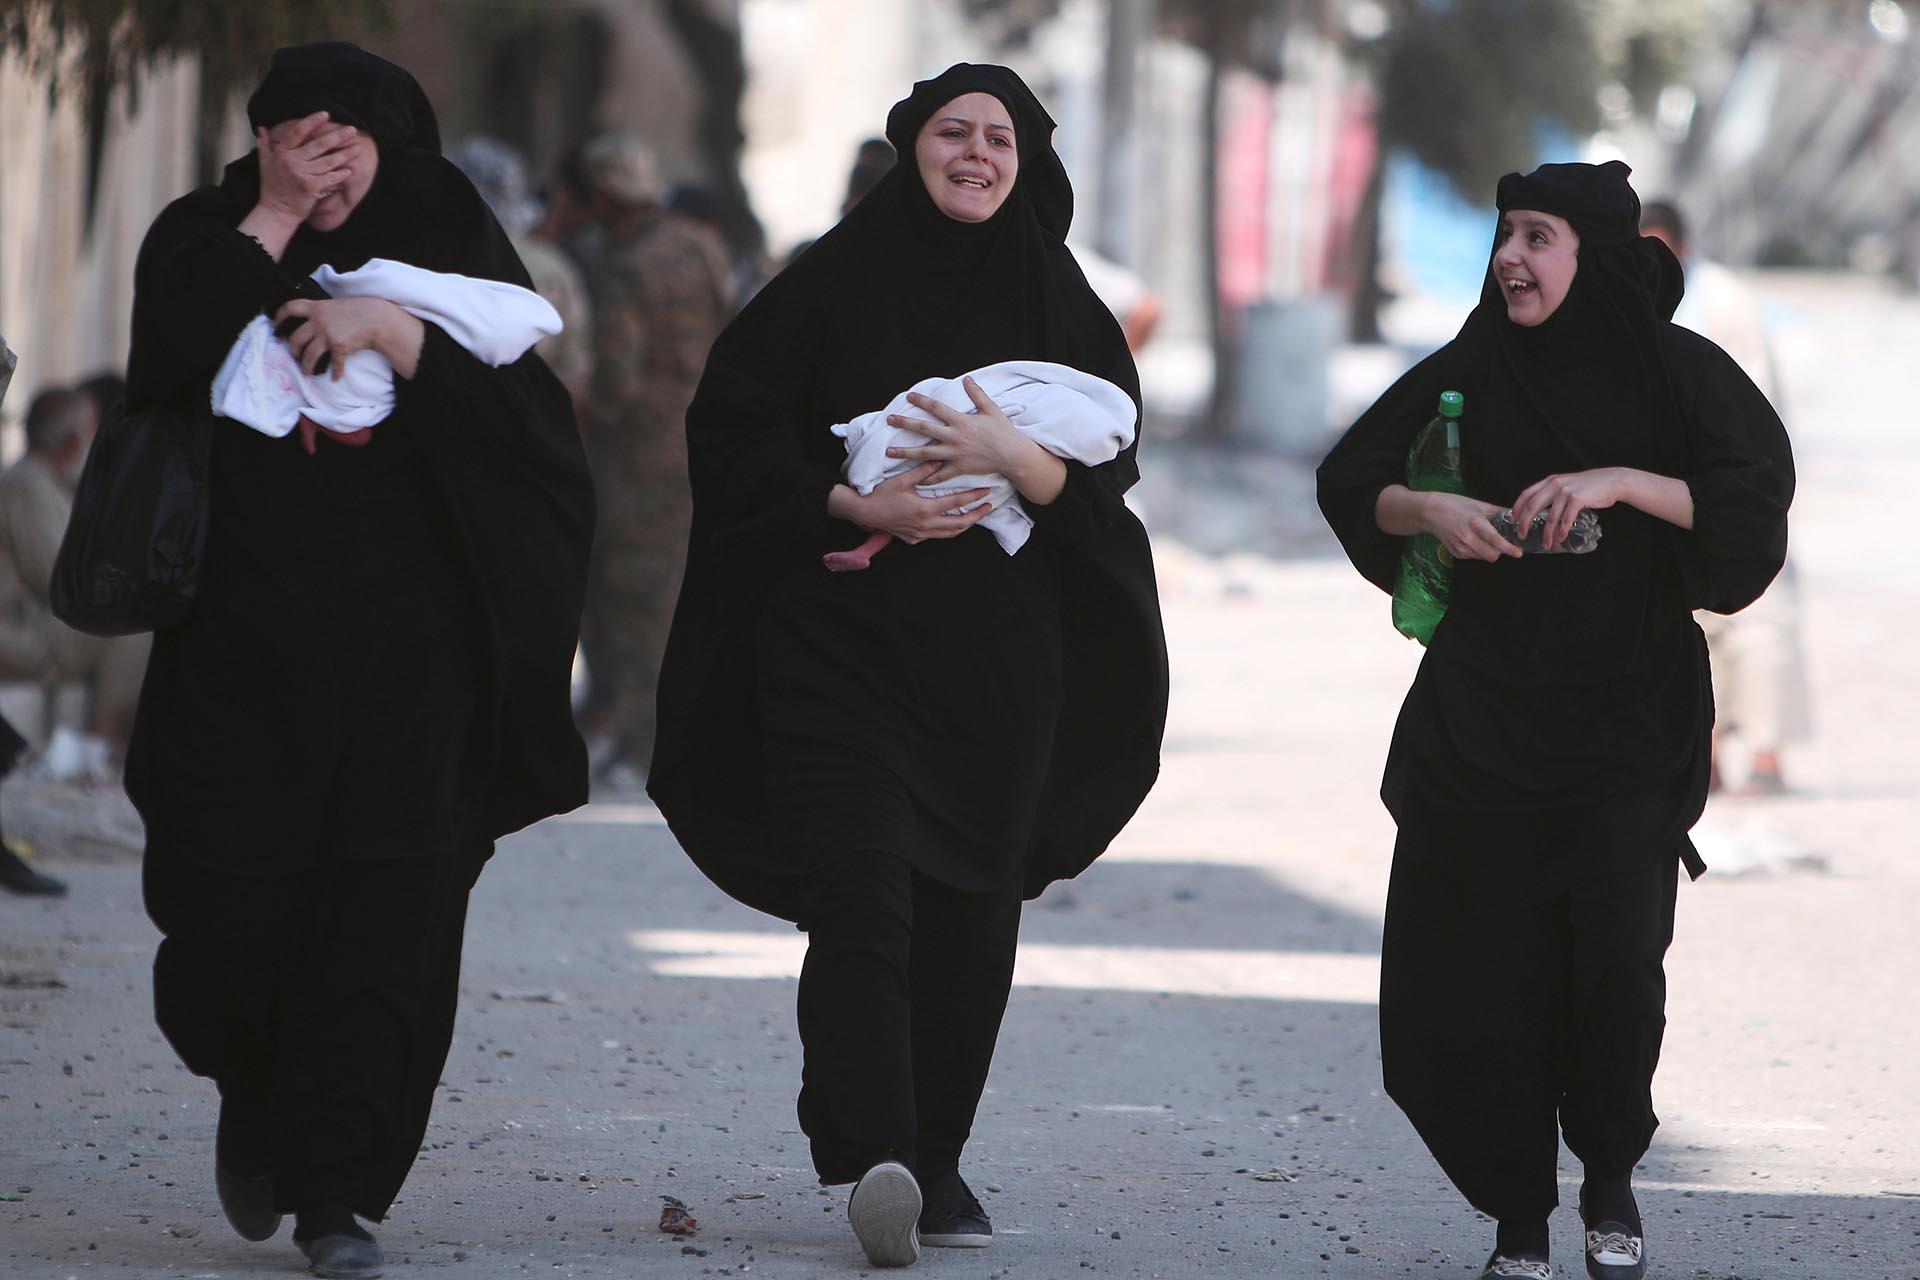 Mujeres lloran de la emoción y llevan a sus bebés recién nacidos en brazos, luego de saber que el Estado Islámico ya no controla su ciudad (Reuters)